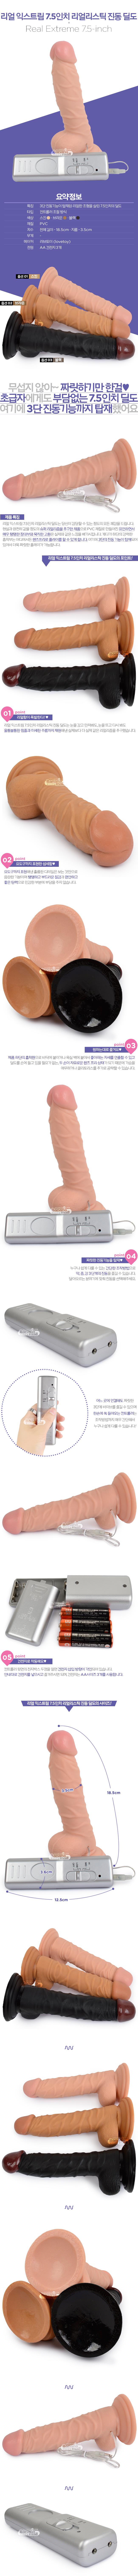 [3단 스피드] 리얼 익스트림 7.5인치 리얼리스틱 진동 딜도(Lovetoy Real Extreme 7.5-inch Realistic Dildo With Suction Cup Base) - 러브토이(350046-1)